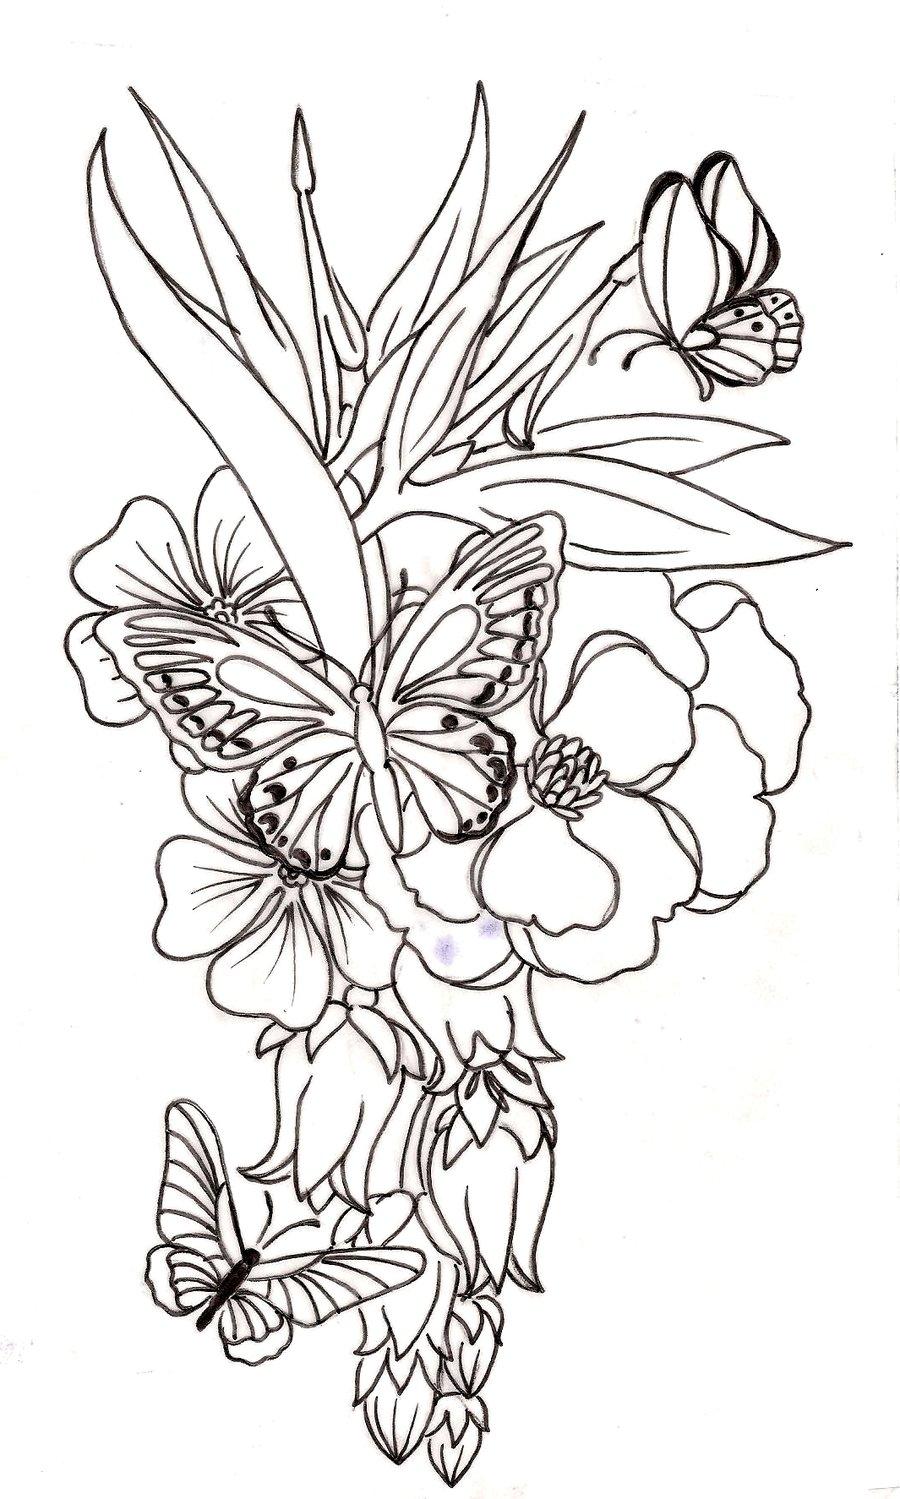 Grey Butterflies And Flower Tattoo